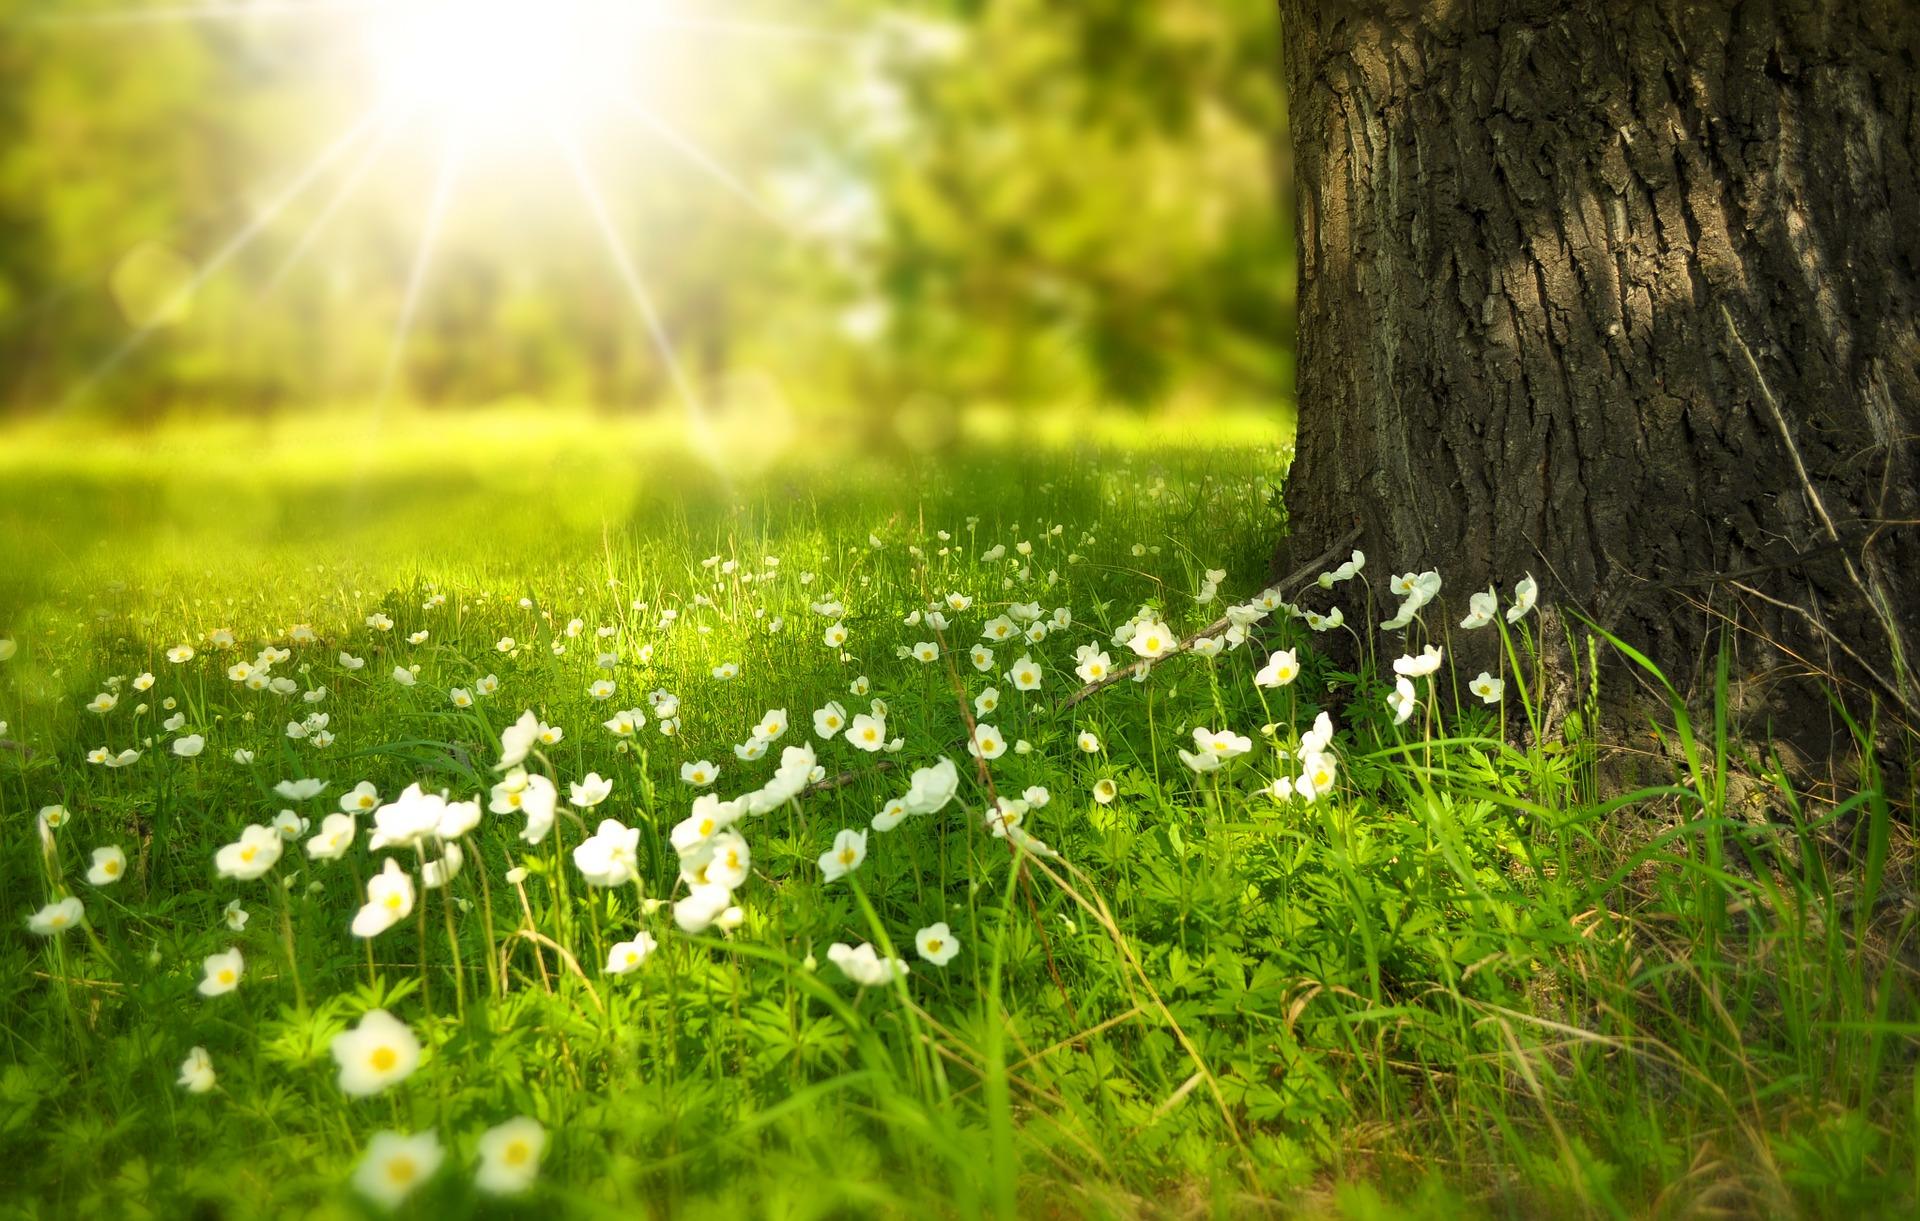 Cỏ xanh mọc vào mùa xuân